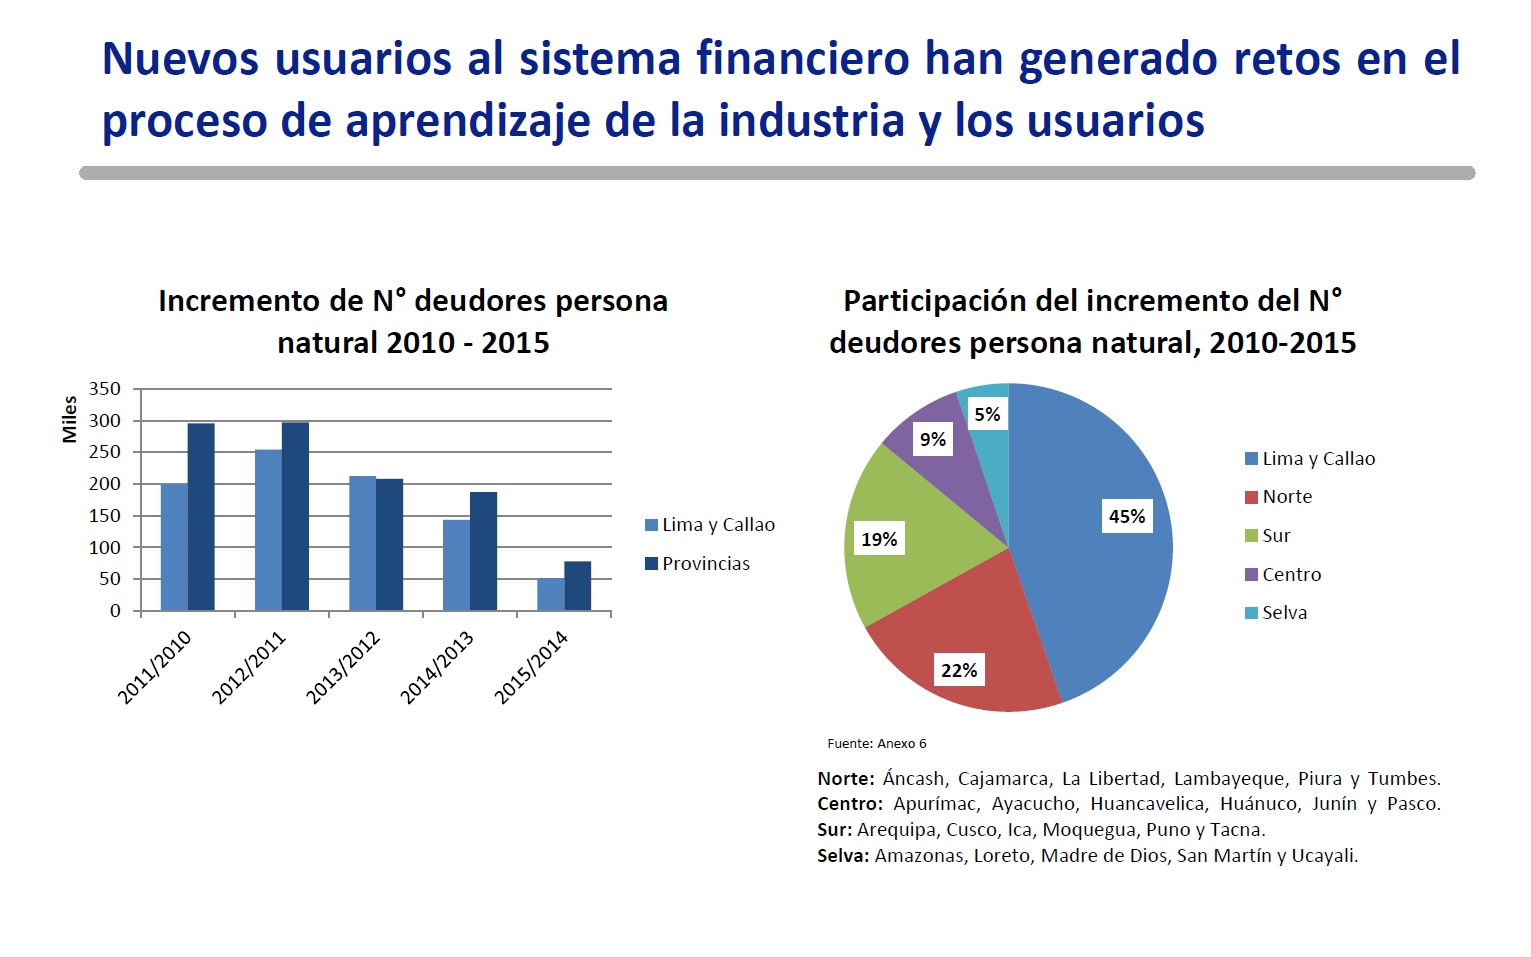 ¿Por qué en provincia la gente está más endeudada con los bancos que en Lima?